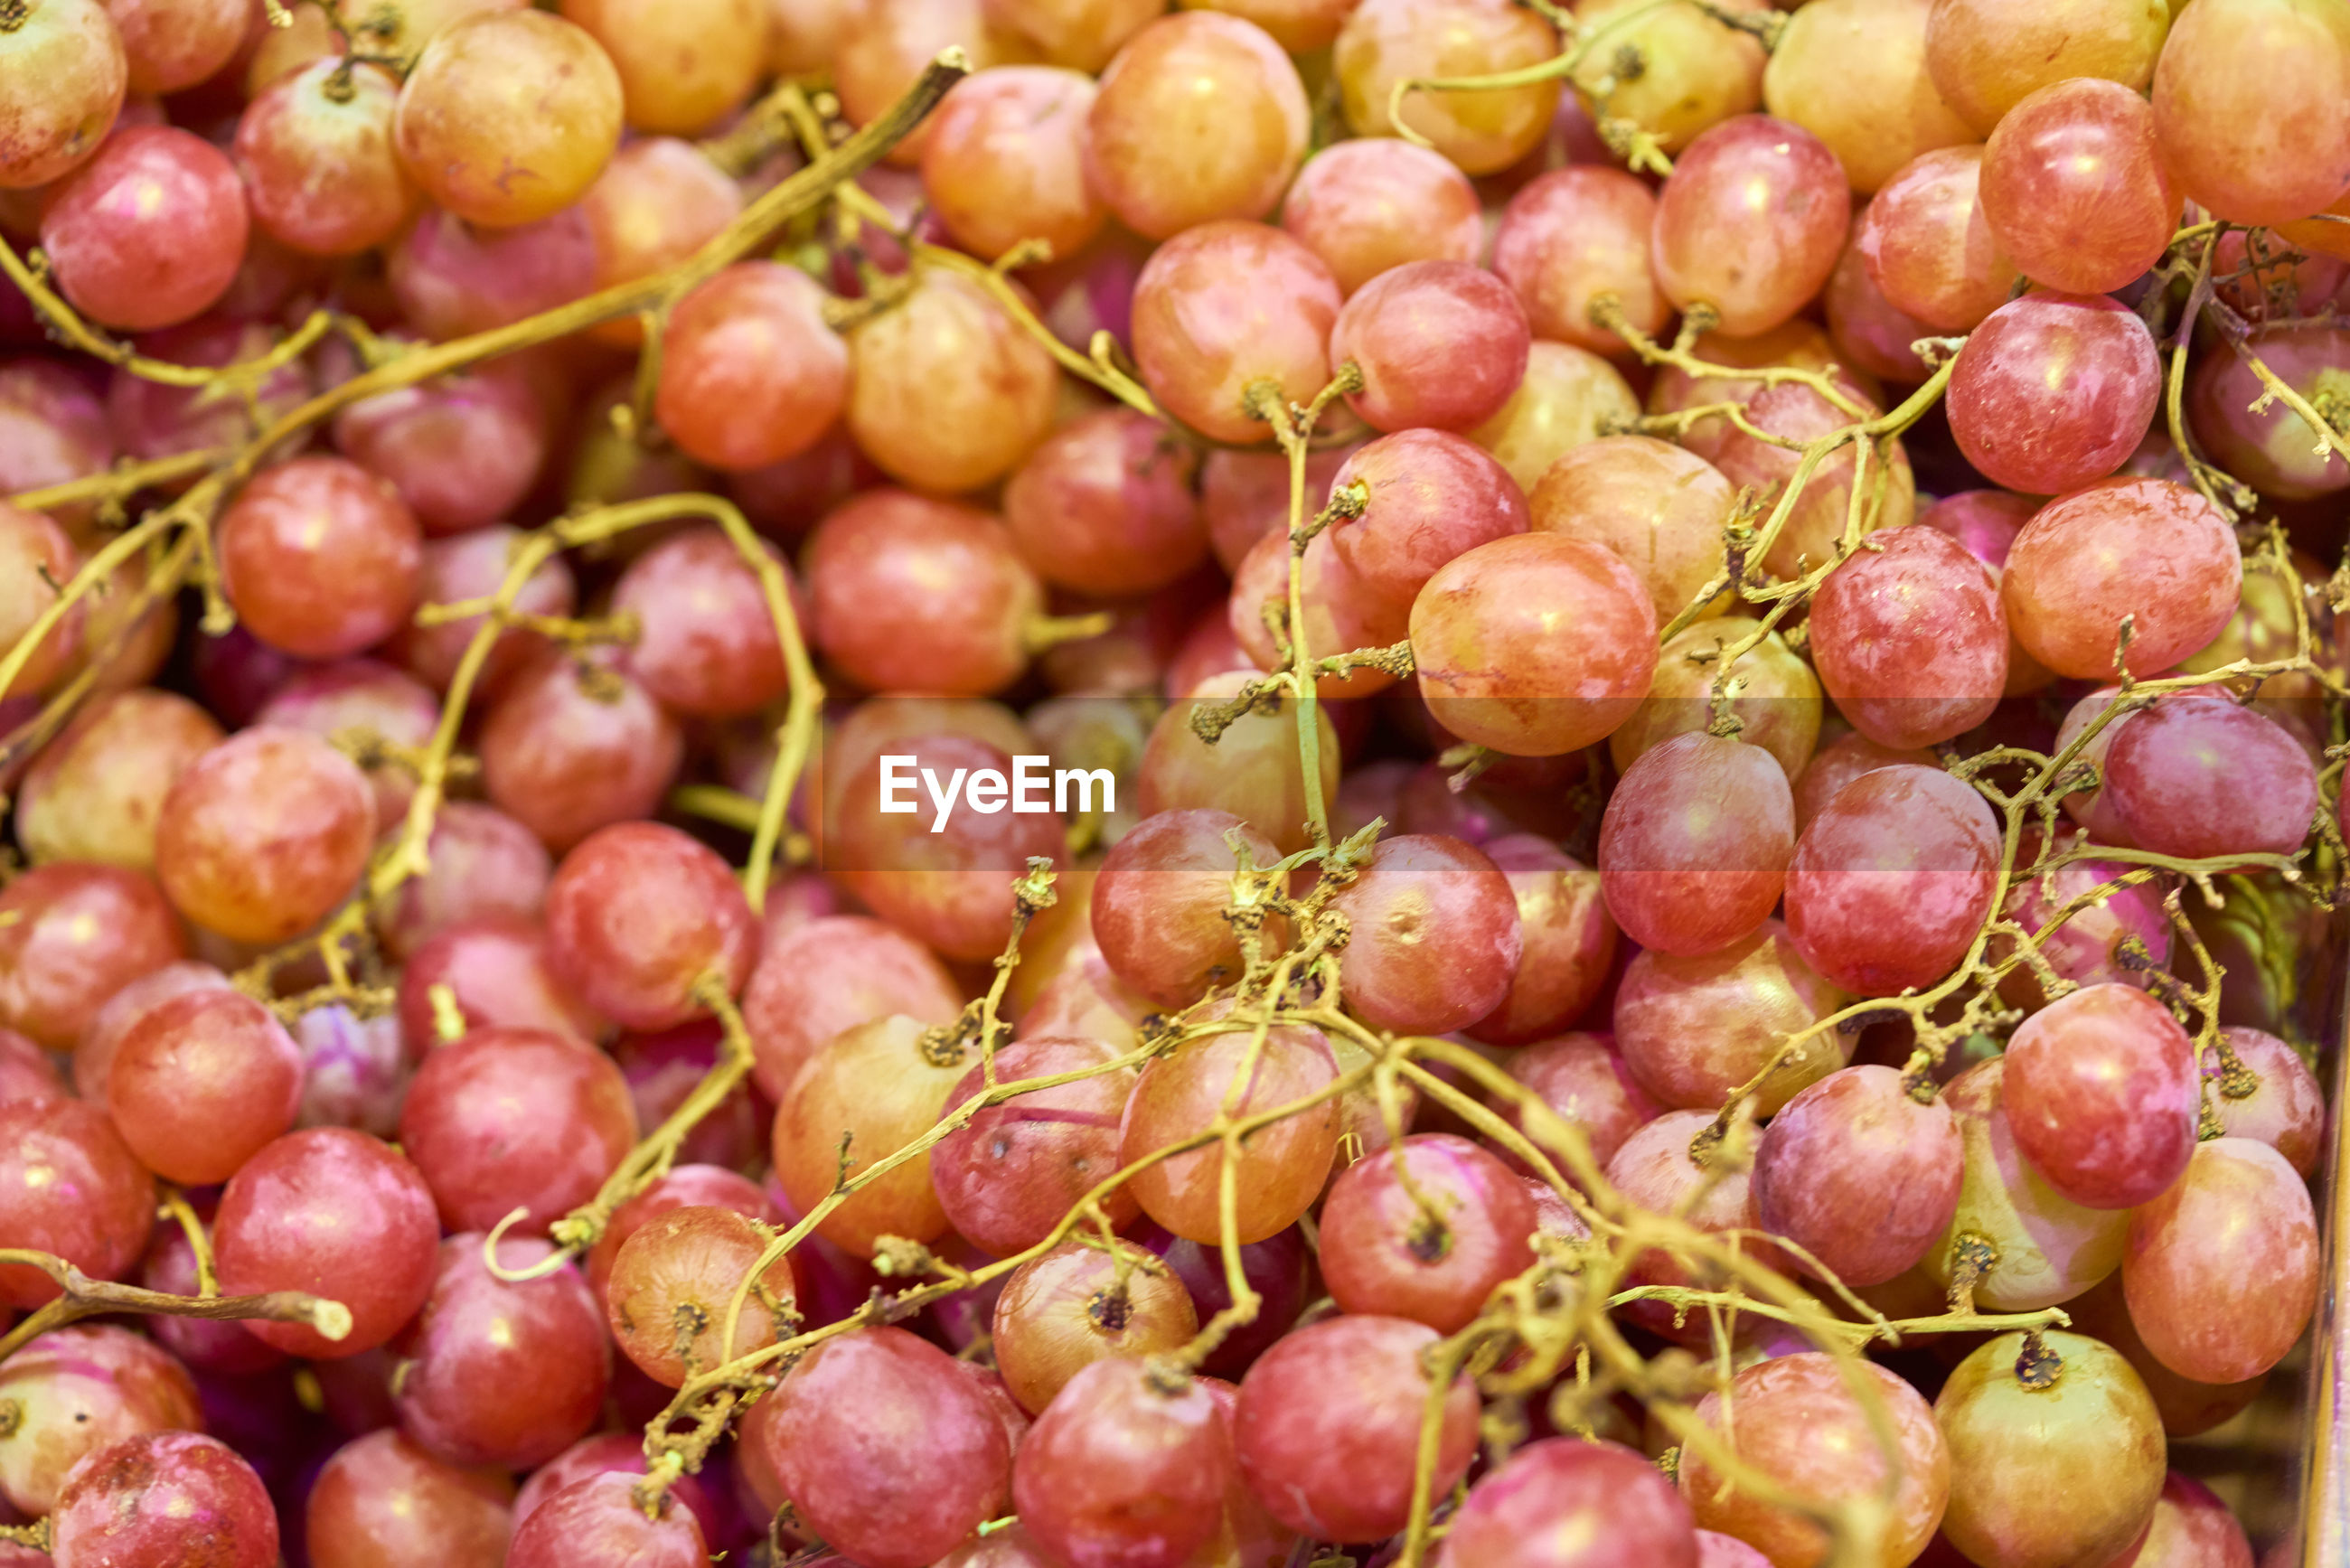 Full frame shot of grapes for sale at market